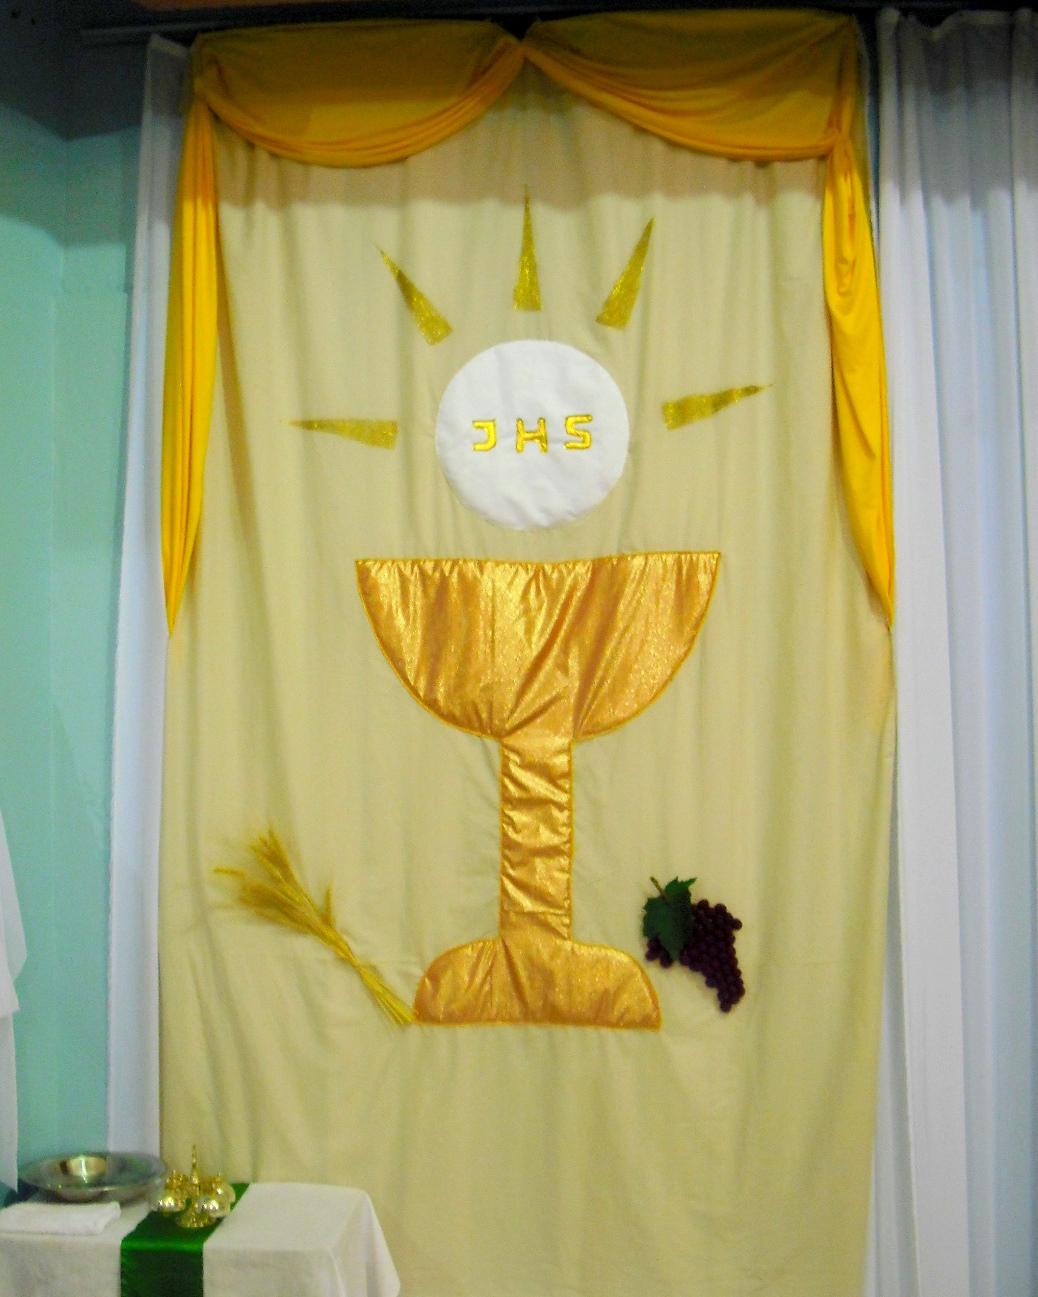 CASA'ART DECORA u00c7ÃO PRIMEIRA COMUNHÃO -> Decoração Para Primeira Comunhão Na Igreja